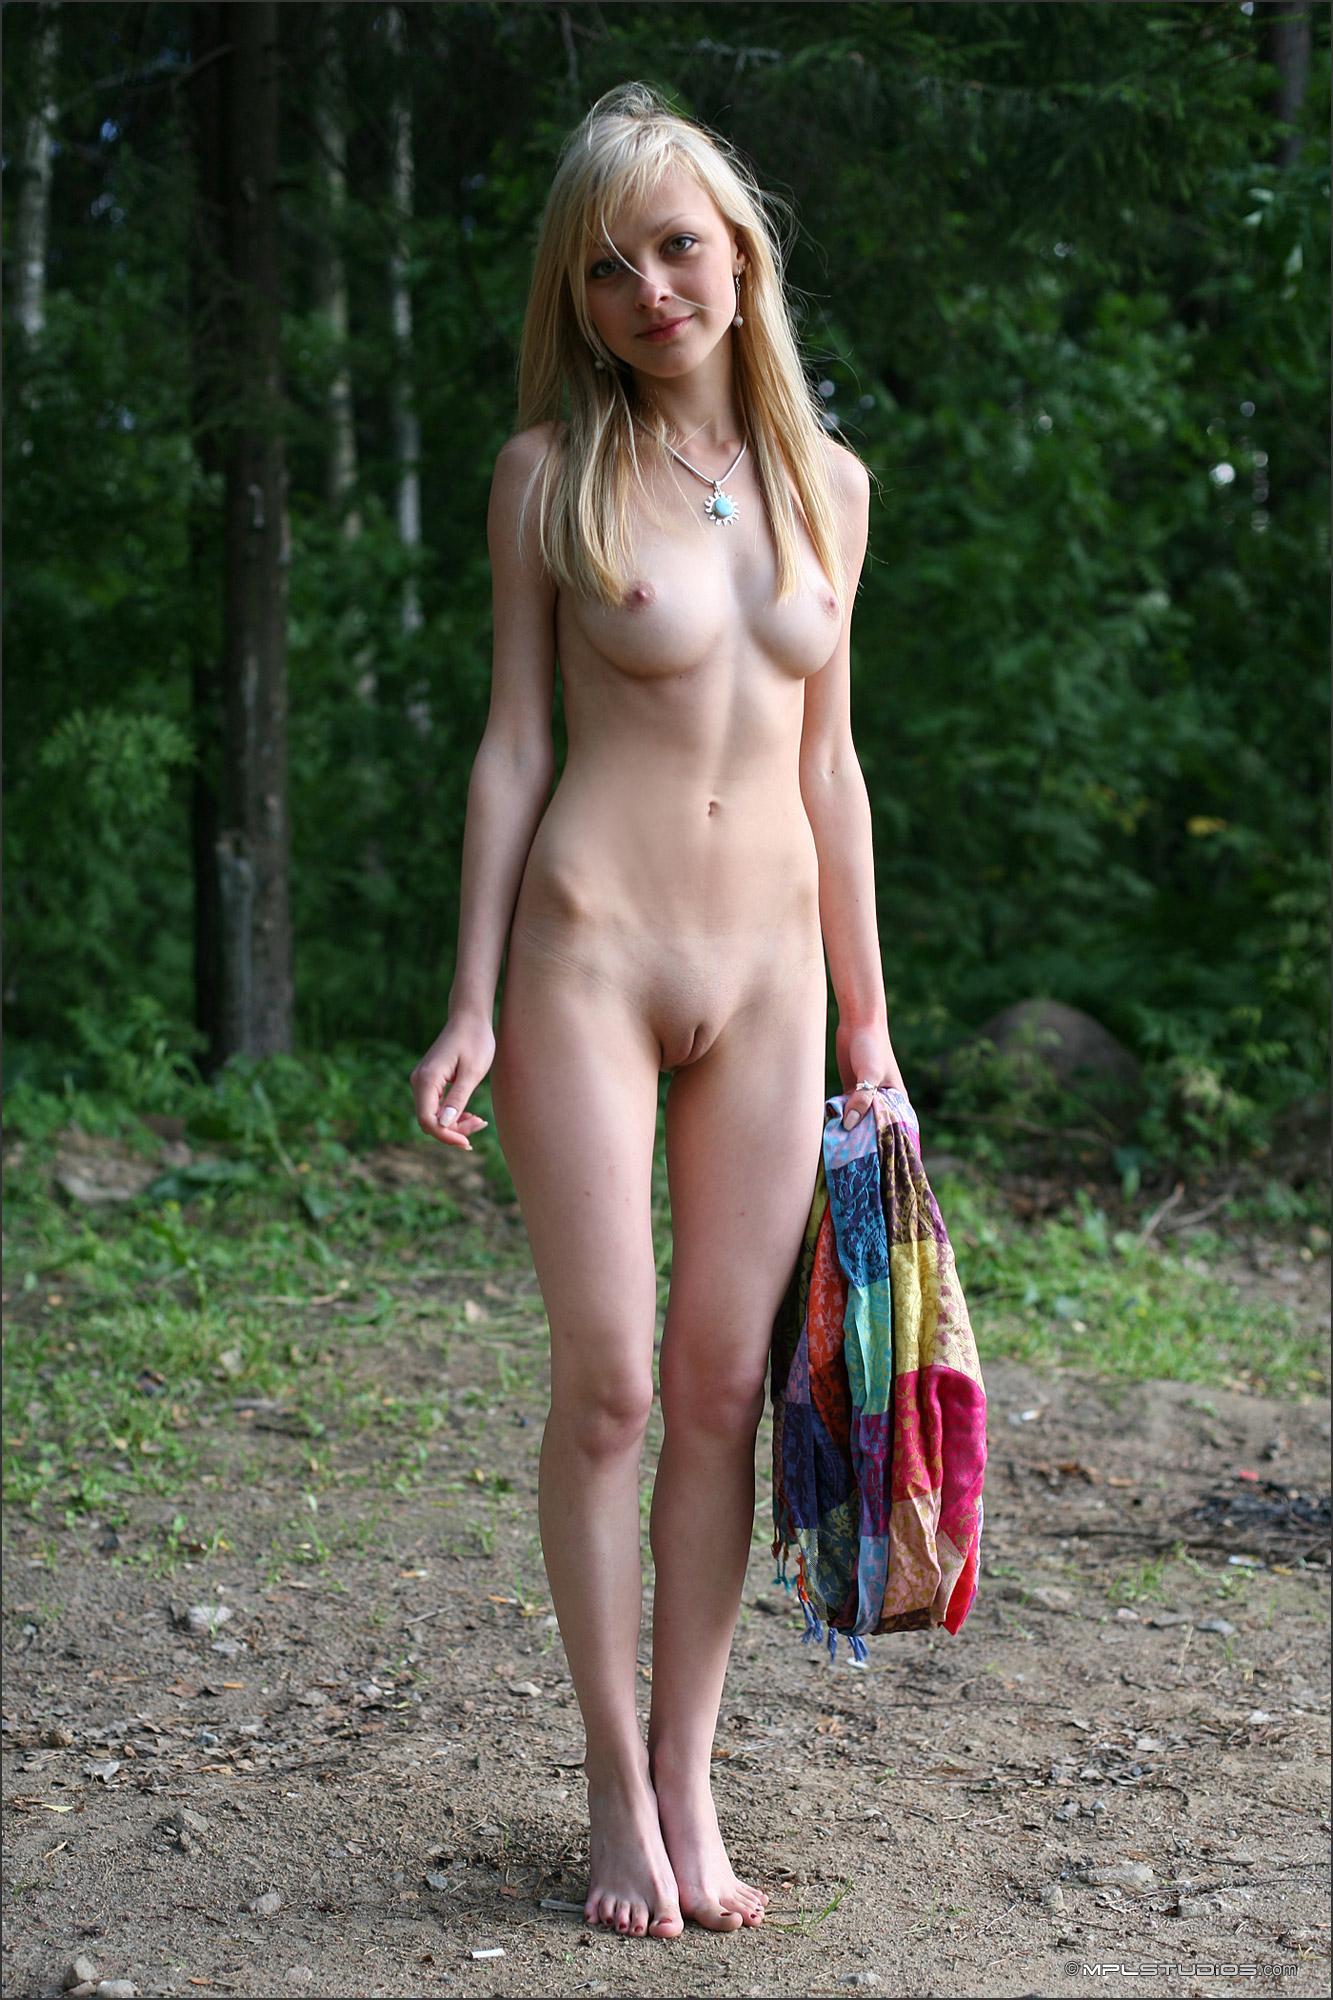 Фото глые девушки худые 10 фотография